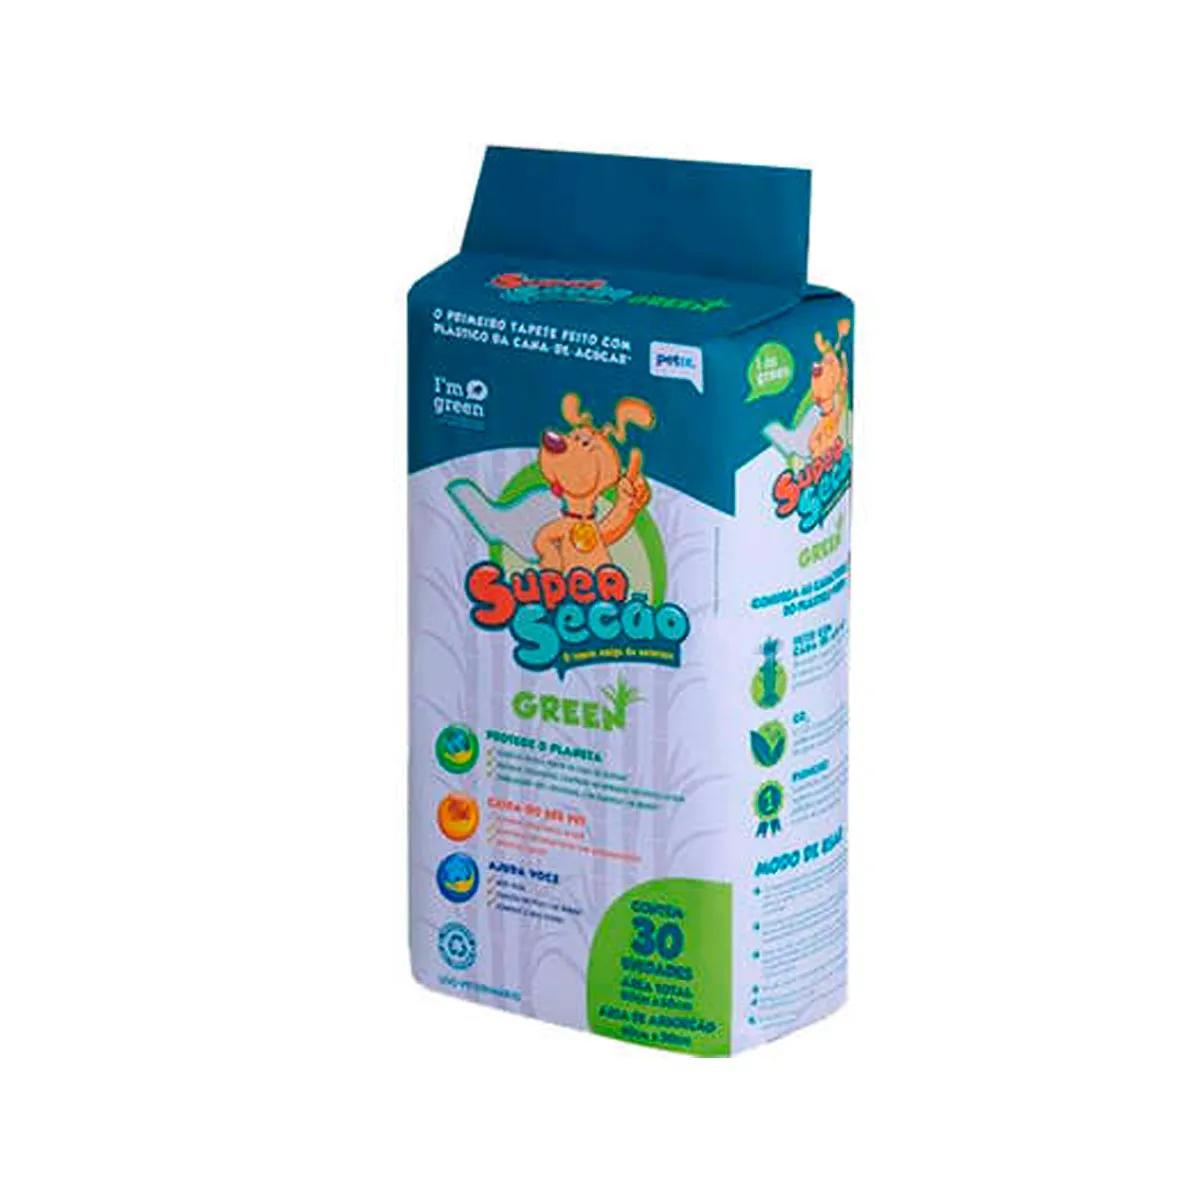 Tapete Higiêncio SuperSecão Green para Cachorros Petix